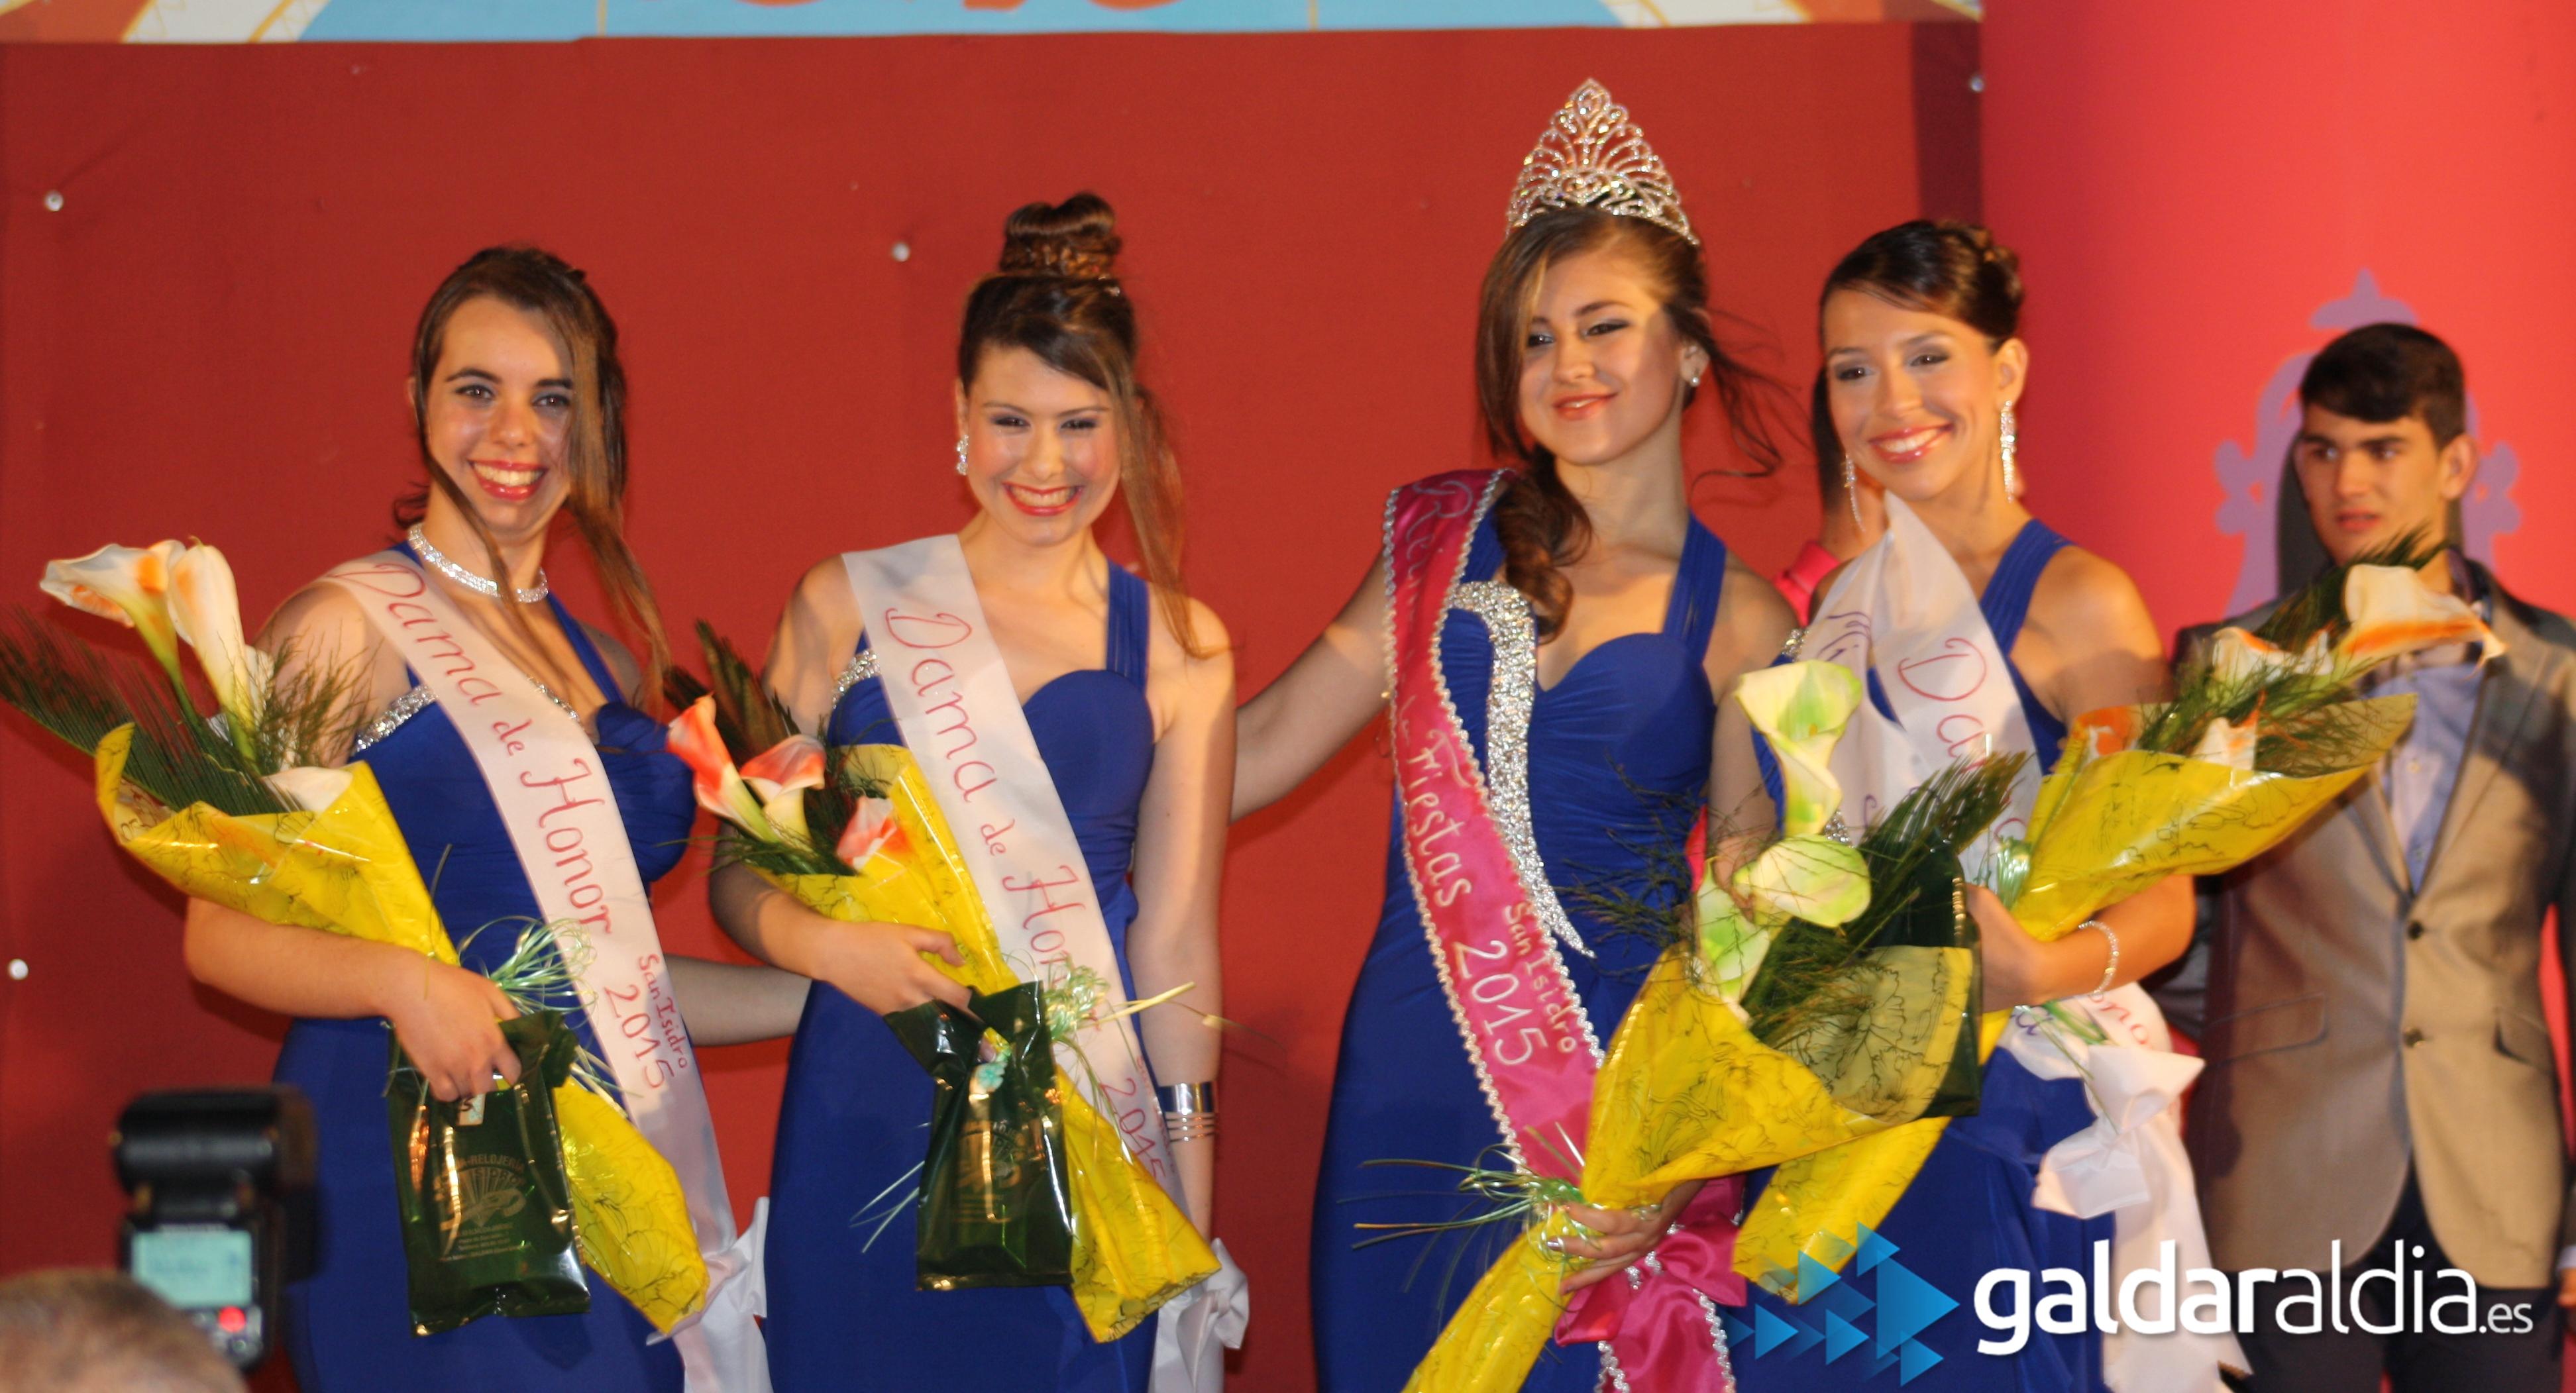 Momento de coronación de la Reina. Fotos: Omaira y Borja Mendoza.